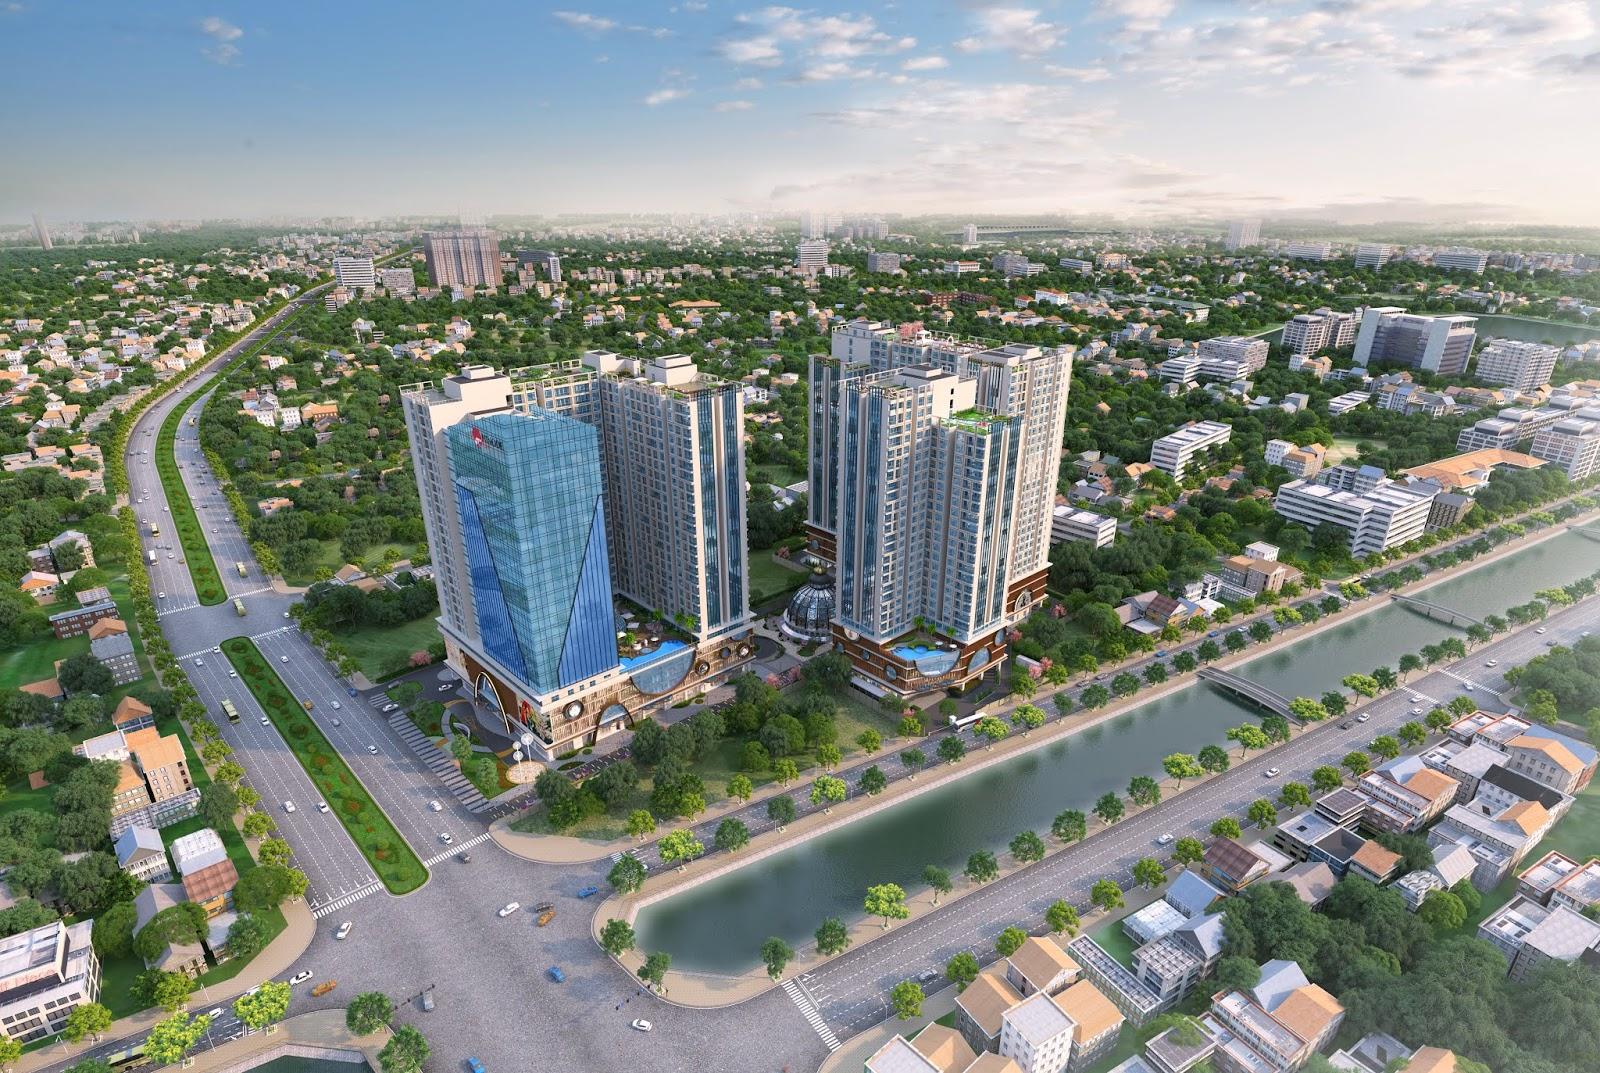 Hinode city là tổ hợp căn hộ cao cấp trung tâm quận Hai Bà Trưng